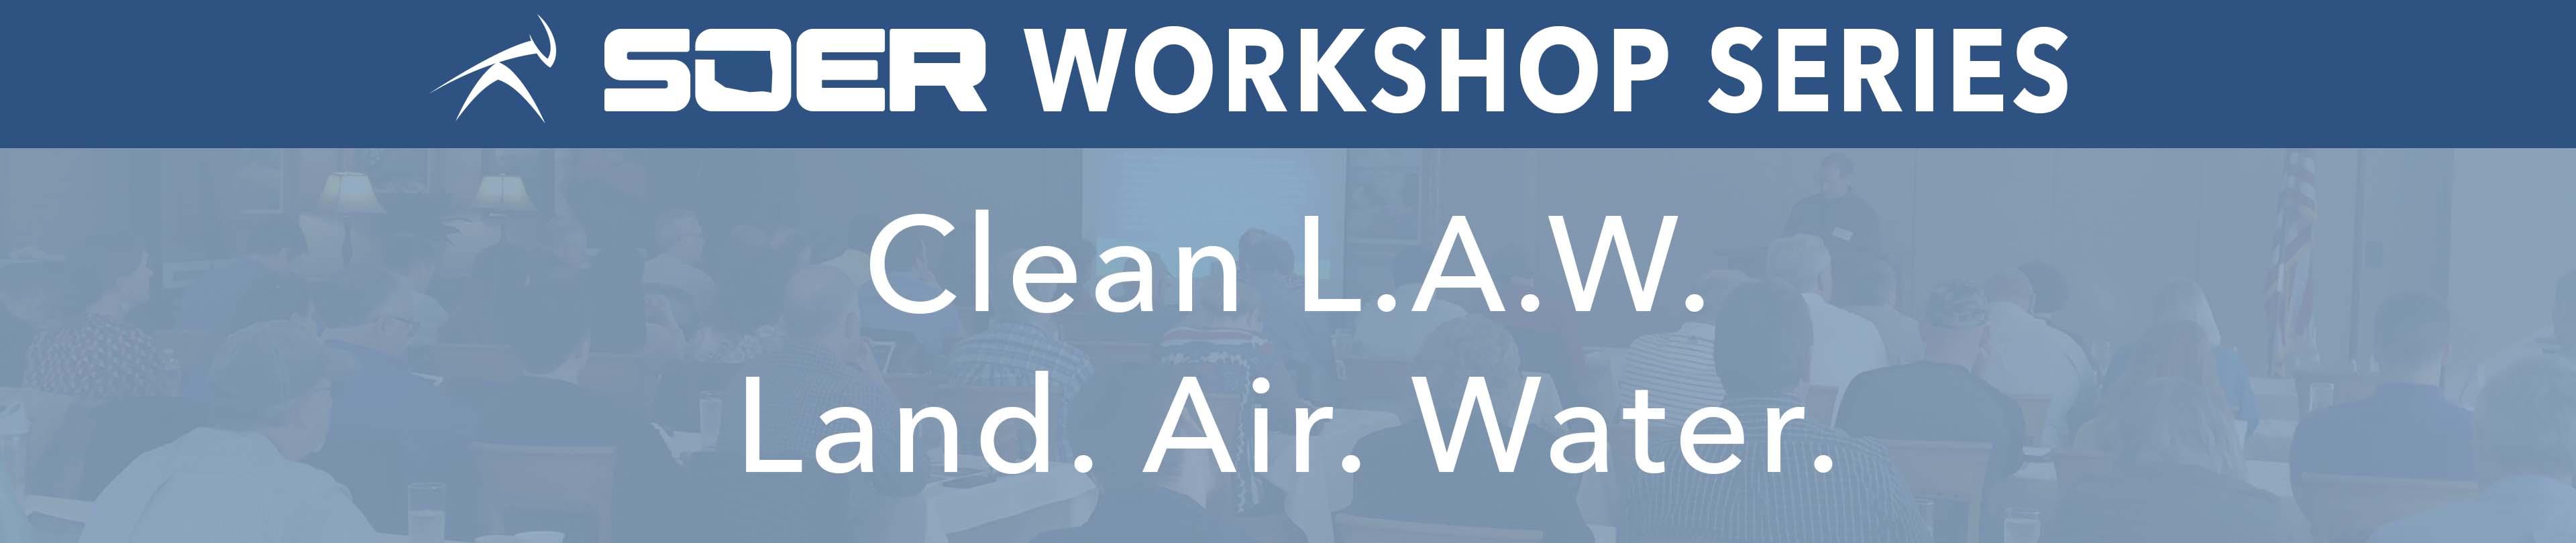 SOER- Clean L.A.W. - Land. Air. Water (OKC)